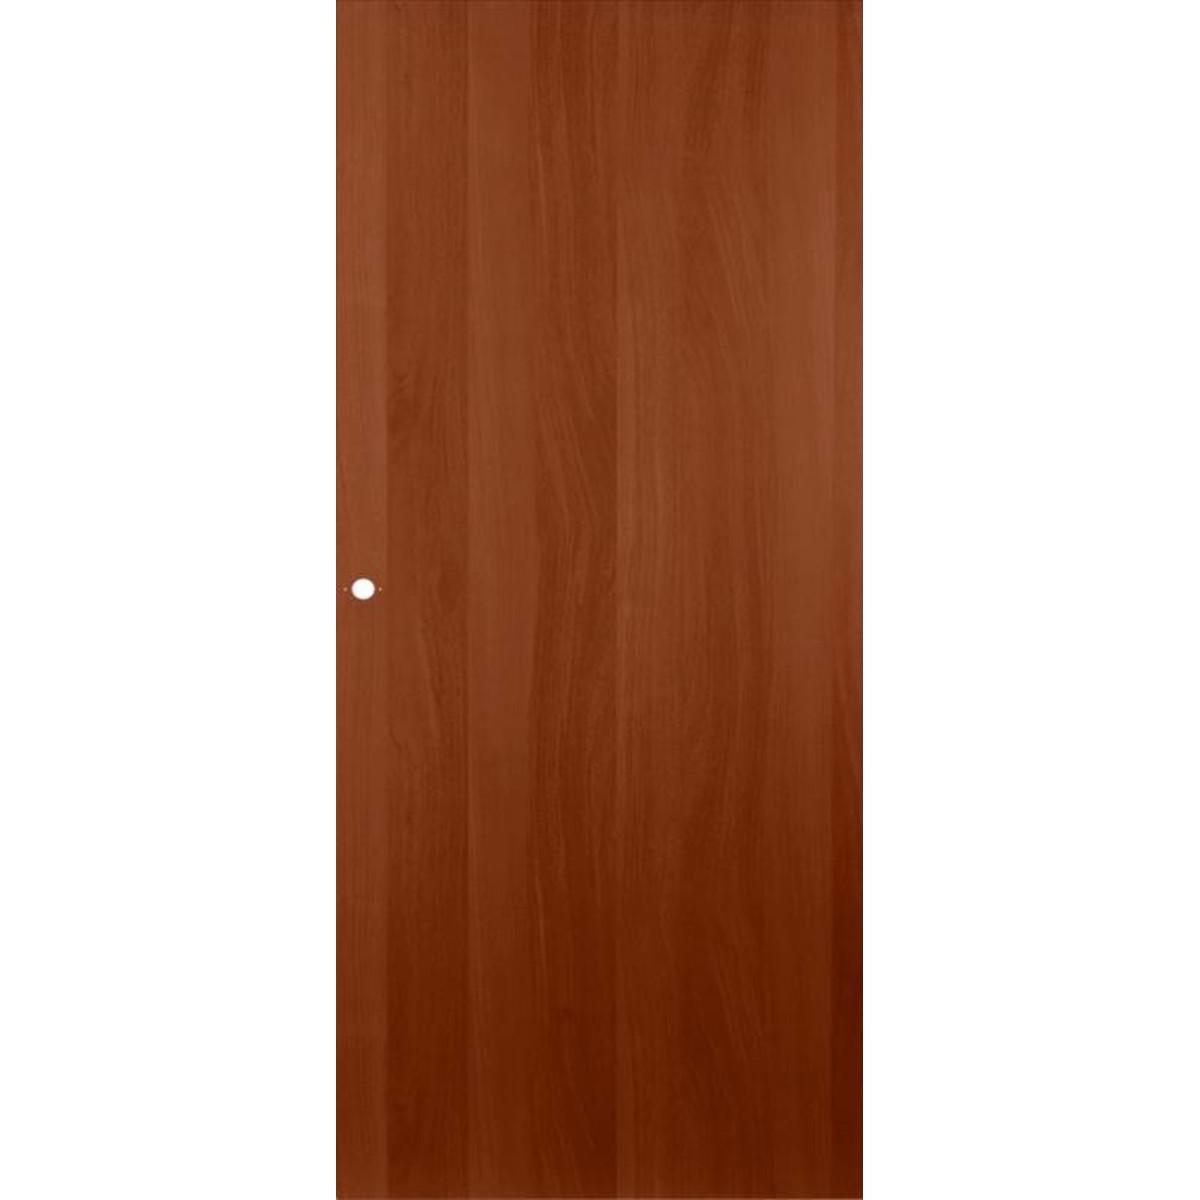 Дверь межкомнатная глухая ламинированная 70x200 см цвет итальянский орех